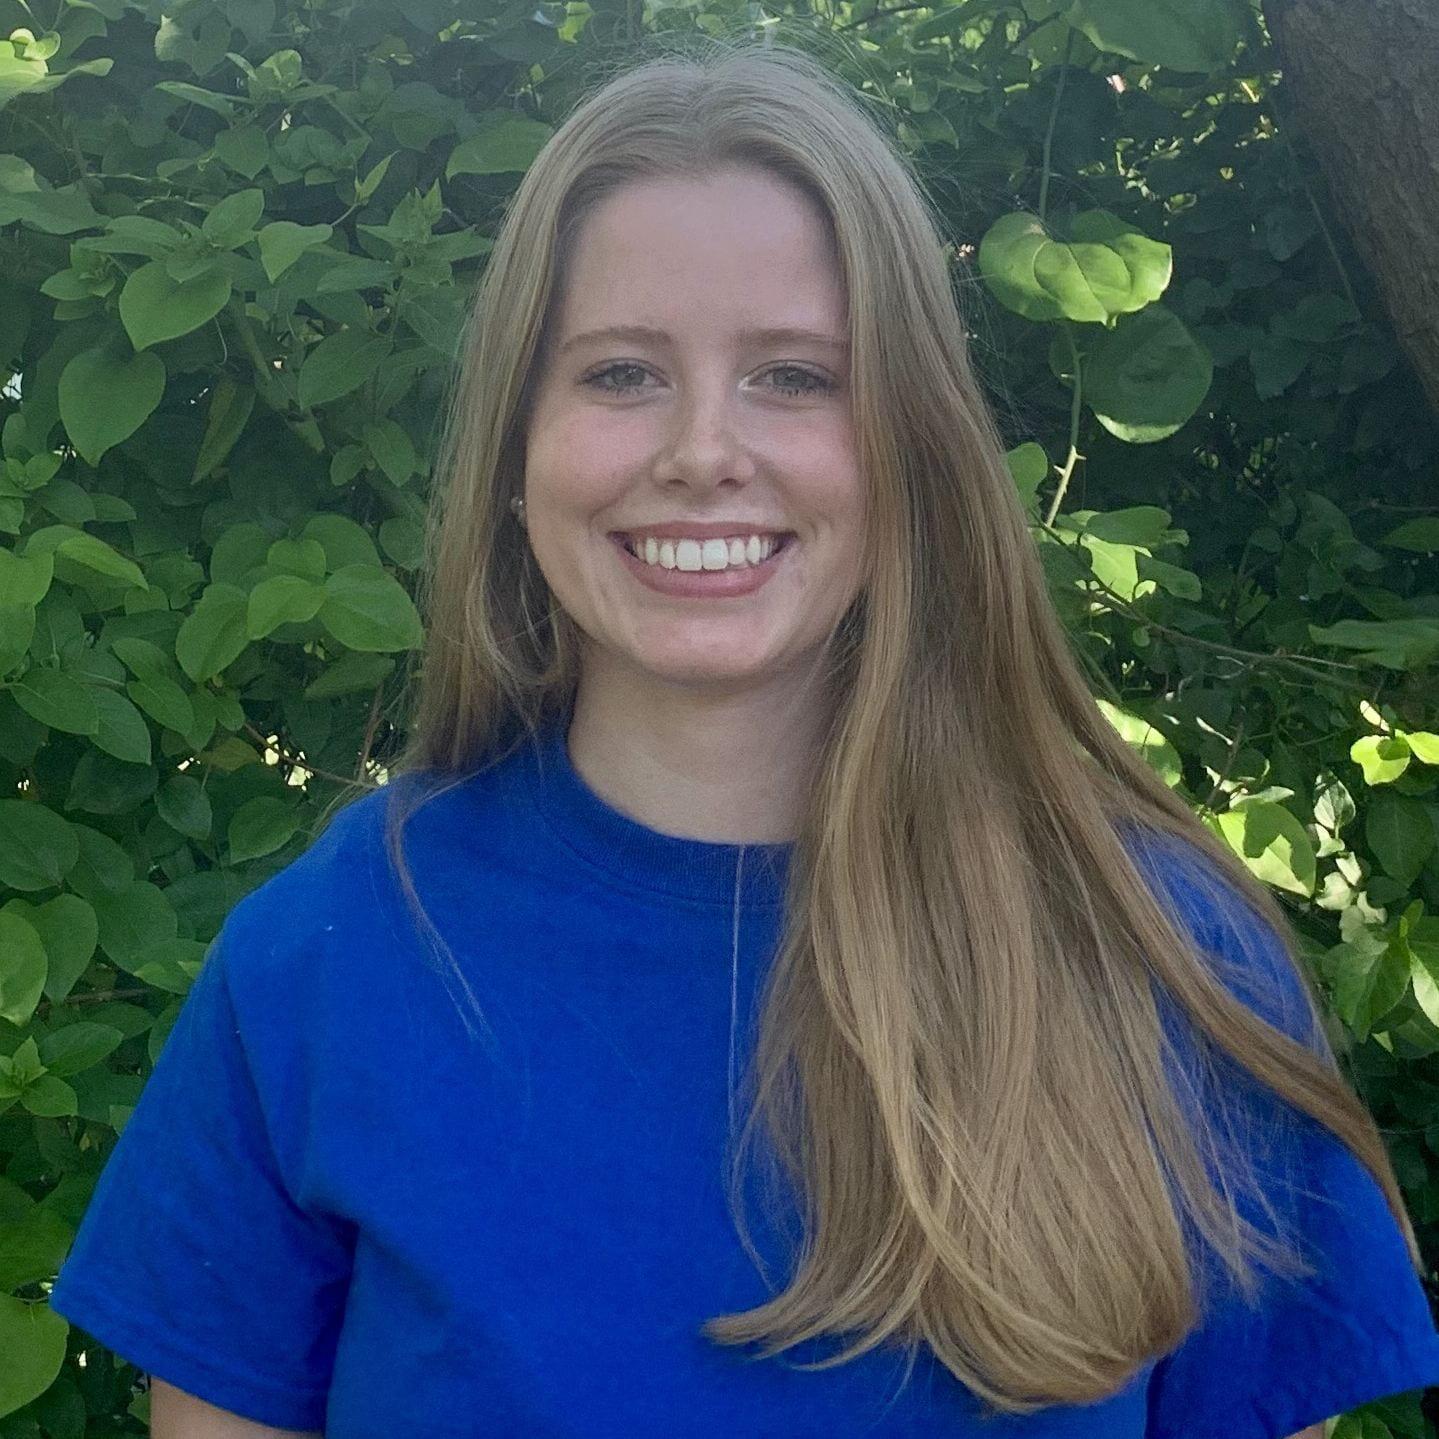 Headshot of Mackenzie Dabbs